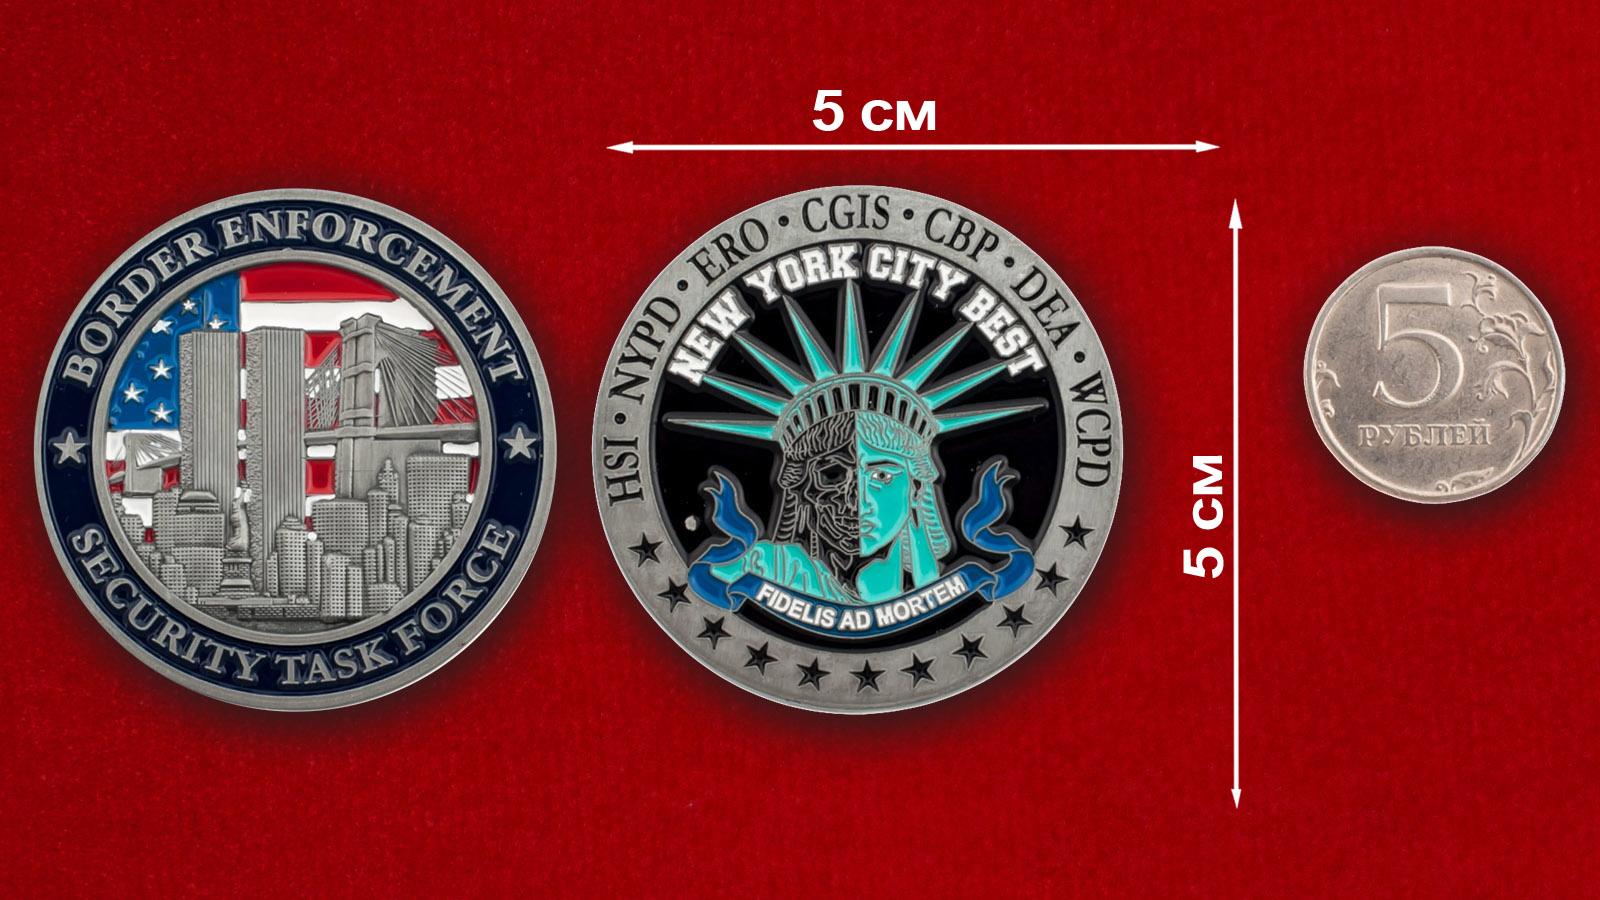 Челлендж коин сотрудников оперативной группы пограничного контроля в Нью-Йорке